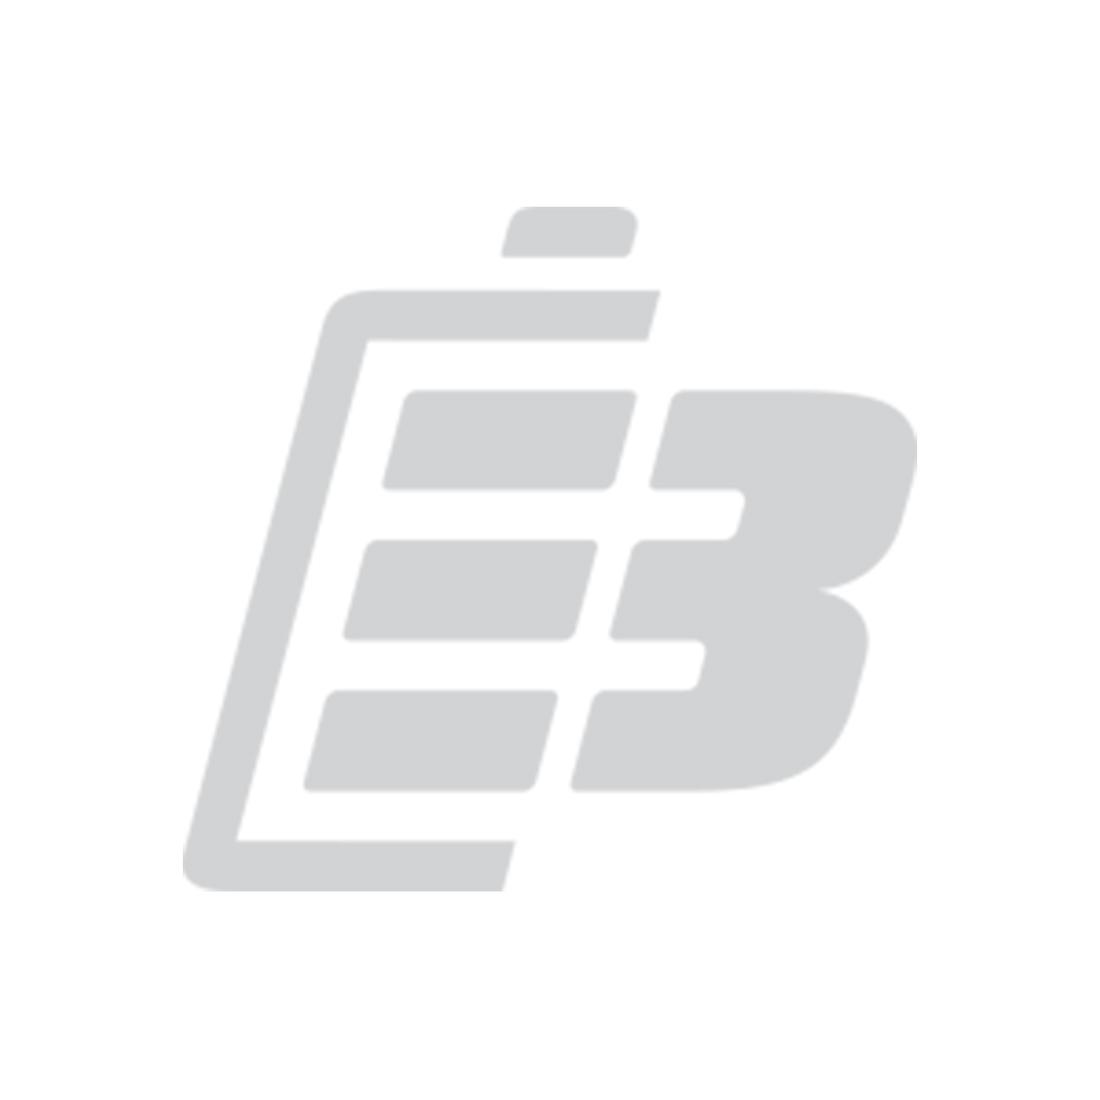 Μπαταρία MP3 Sony NW-A1000_1